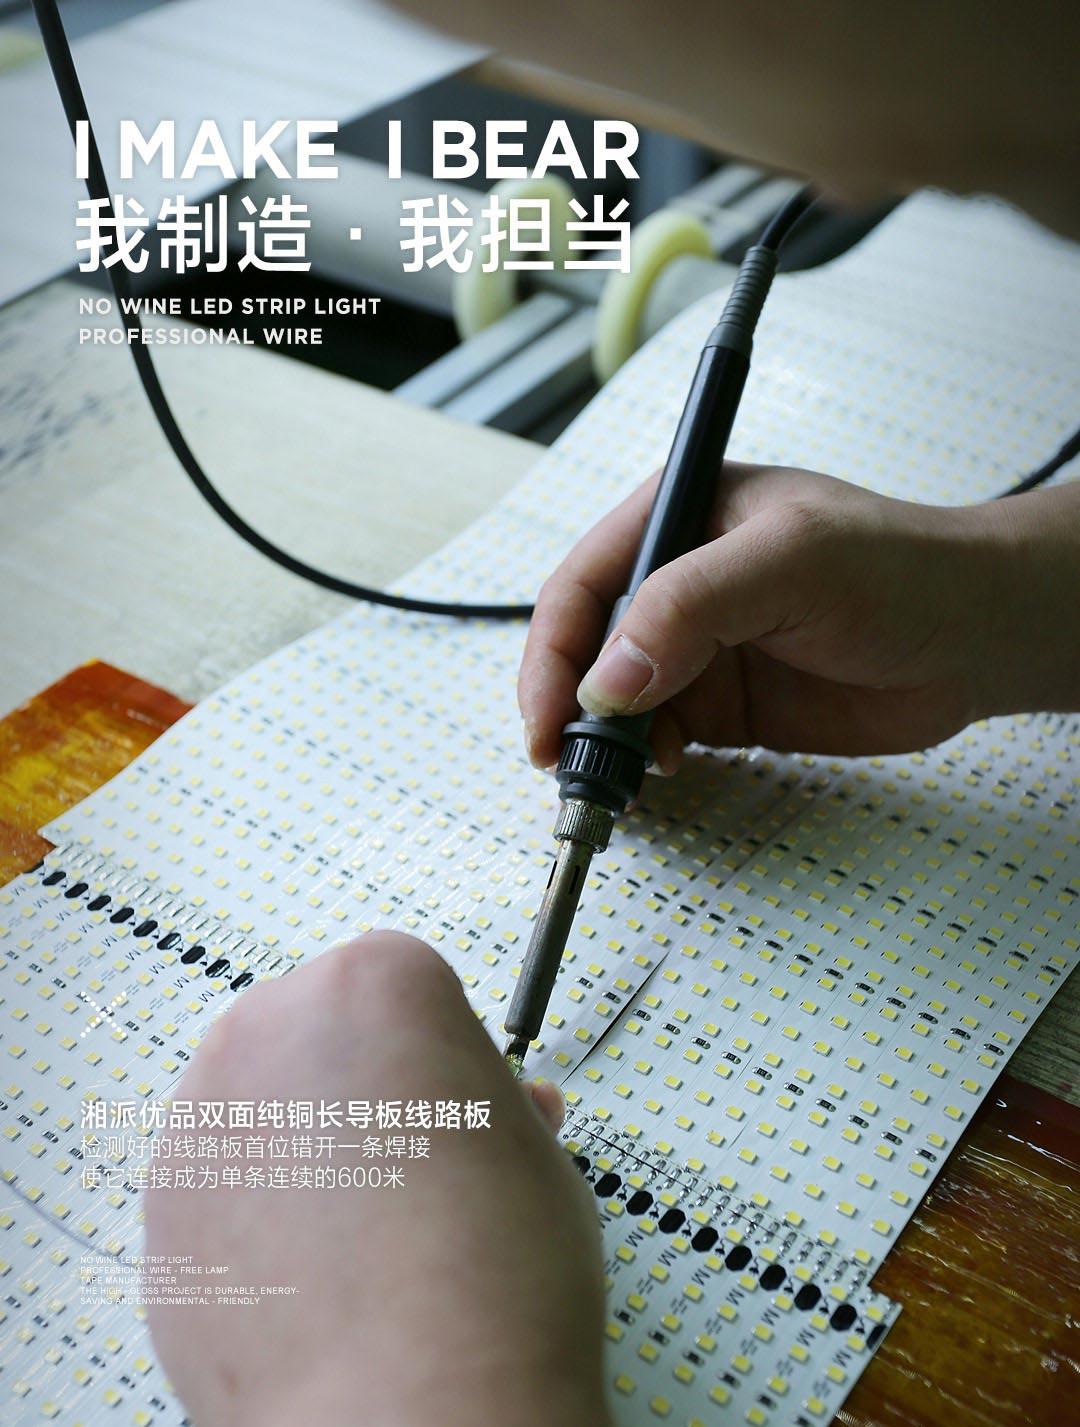 湘派双面纯铜长导板线路板